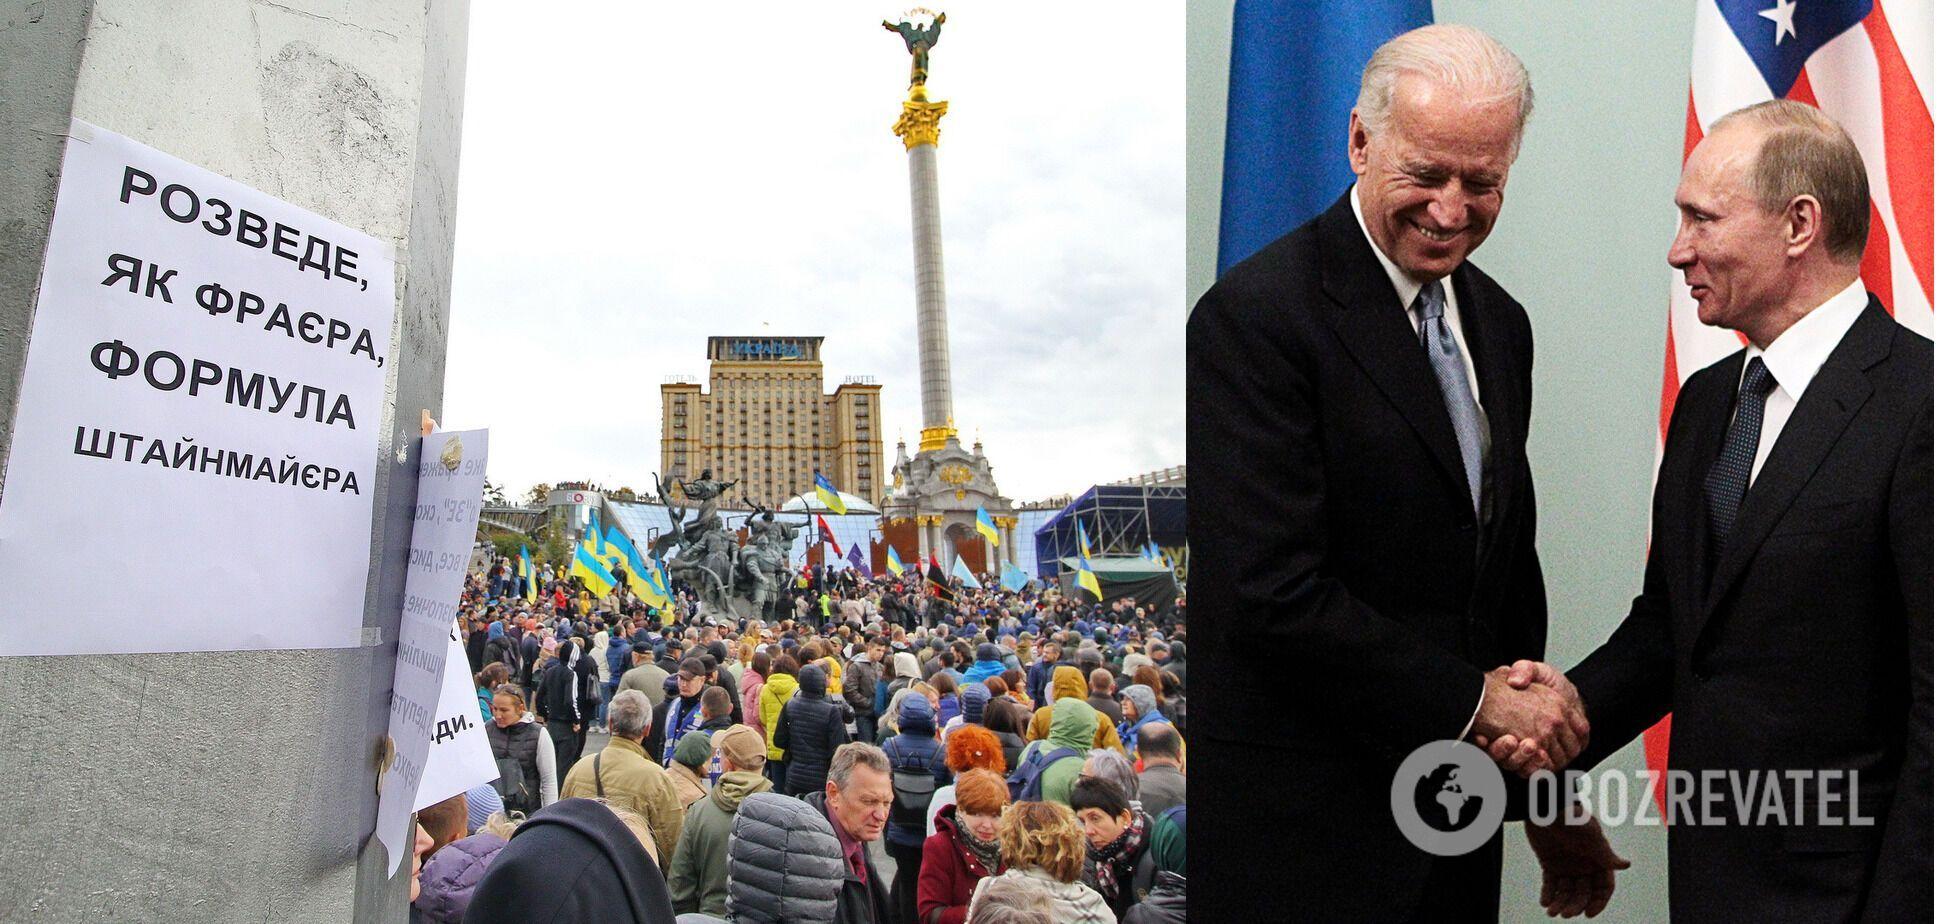 Приглашение на казнь. Непокоренная Украина будет сражаться за свою субъектность